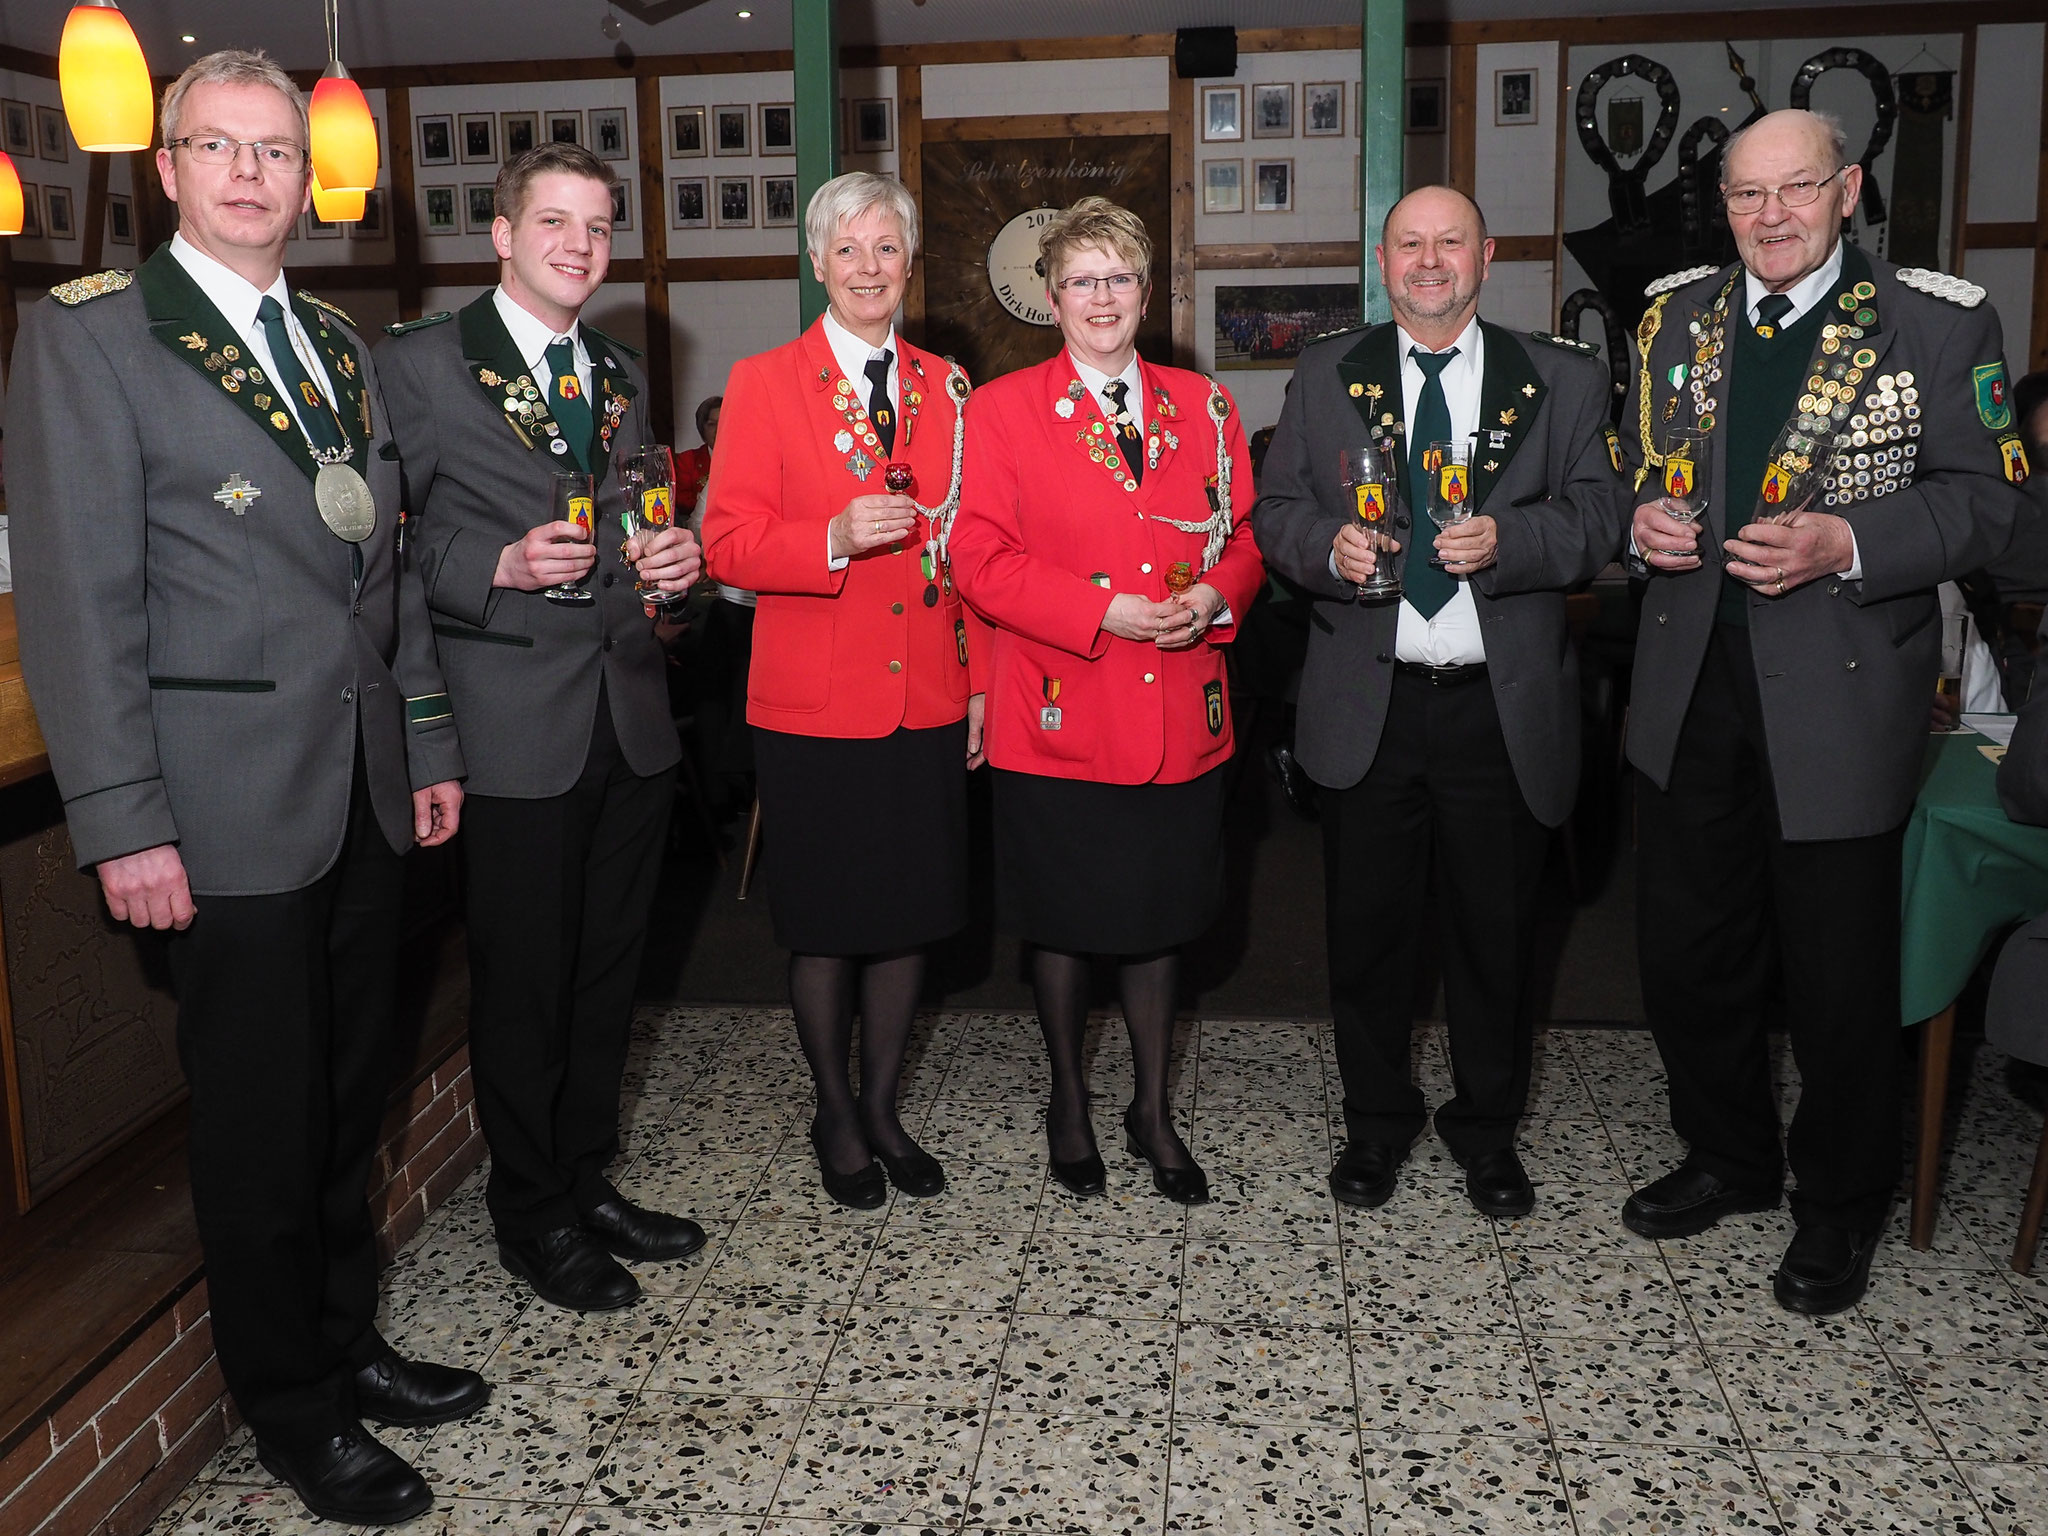 Gewinner der Römerpokale und Königshumpen (Foto: J.Blechner)